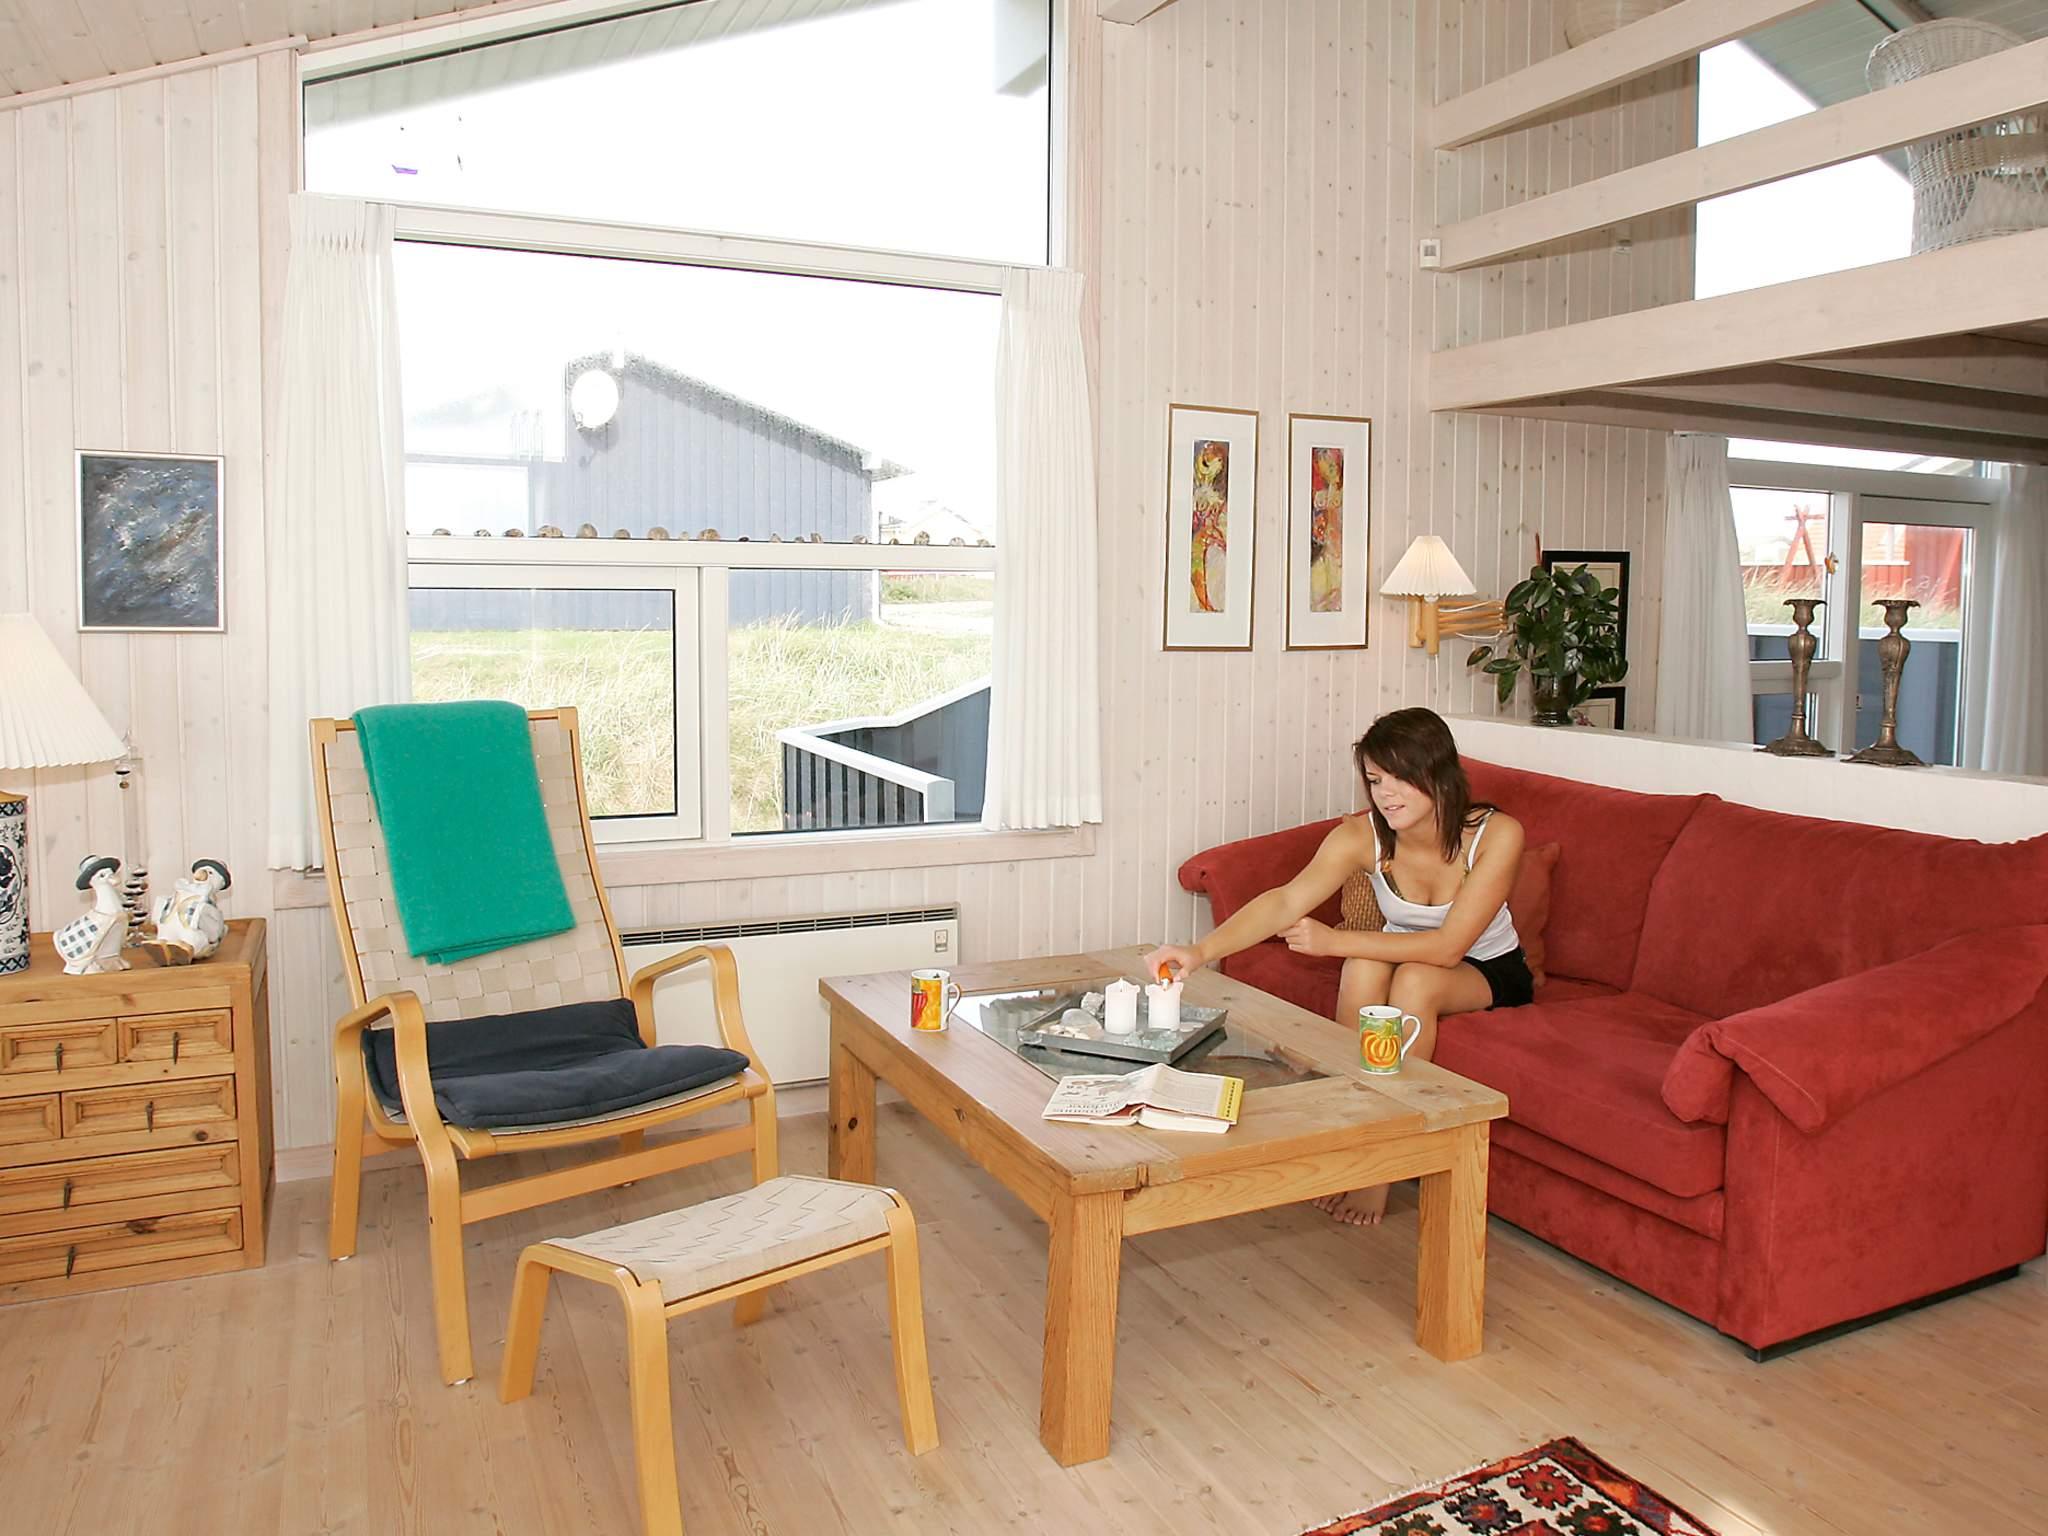 Ferienhaus Blokhus (83332), Blokhus, , Nordwestjütland, Dänemark, Bild 16